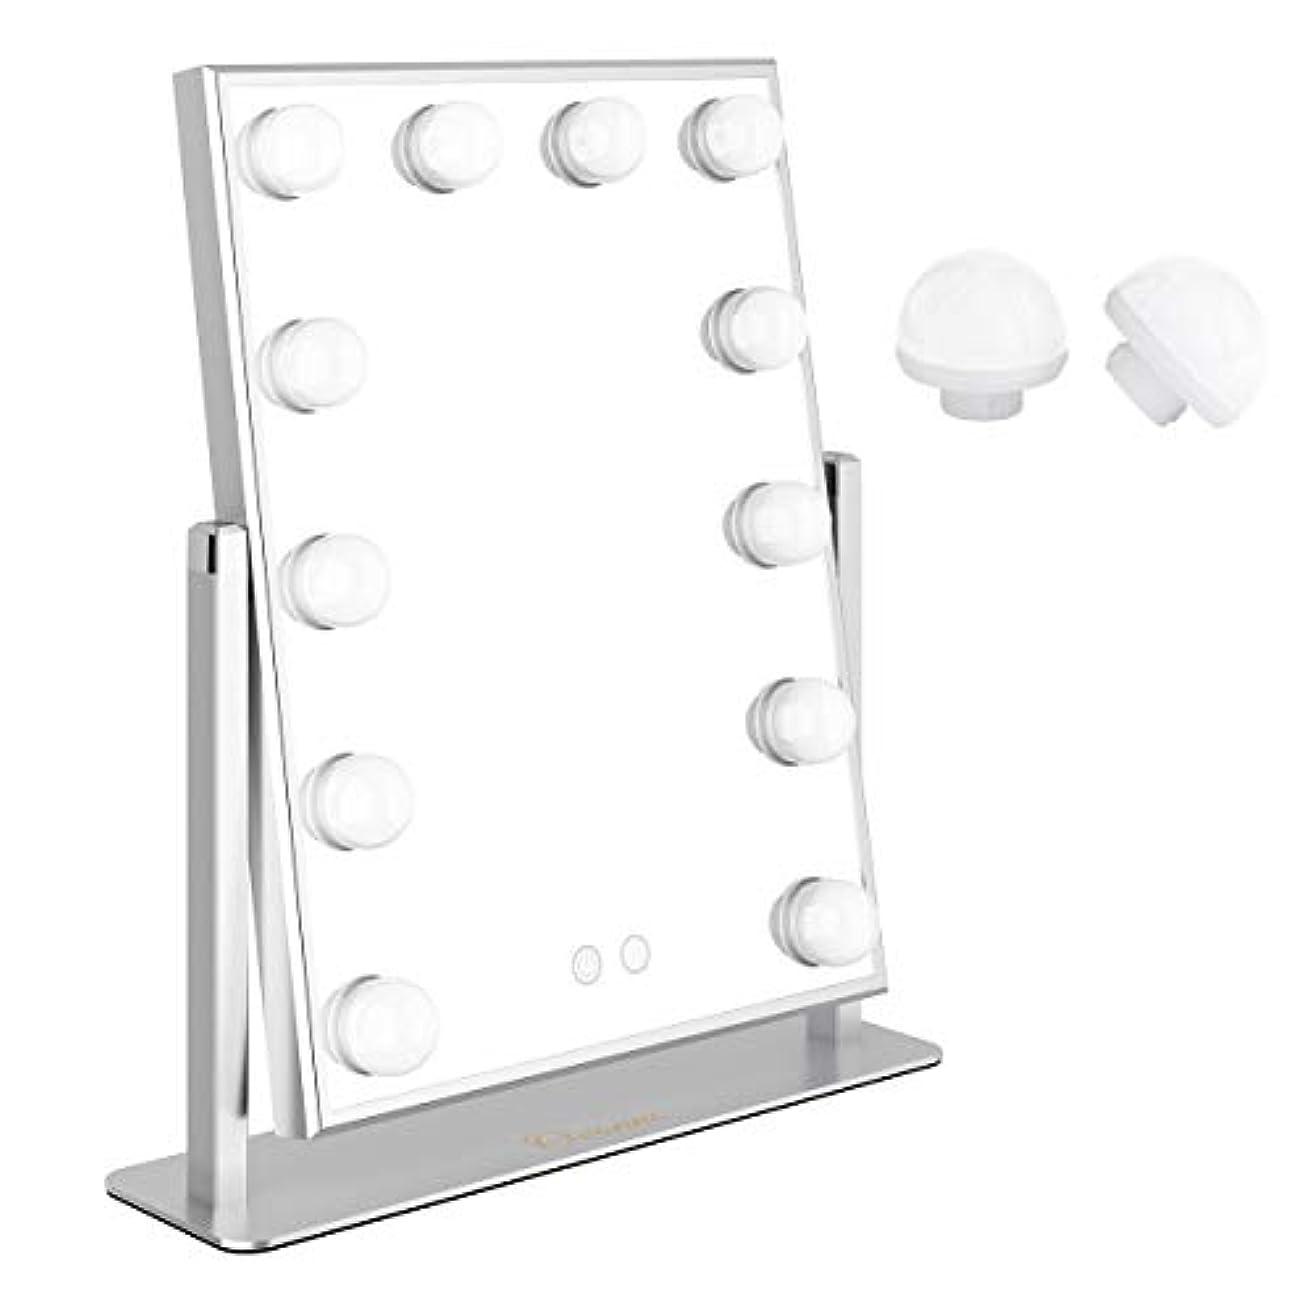 バック忠実にエロチックOvonniハリウッドミラーメイクアップミラープロ用女優ミラー led化粧鏡 二つの色温度明るさ調節可能化粧鏡 12個LED電球付電球交換可能 360度回転USB給電 (シルバー)